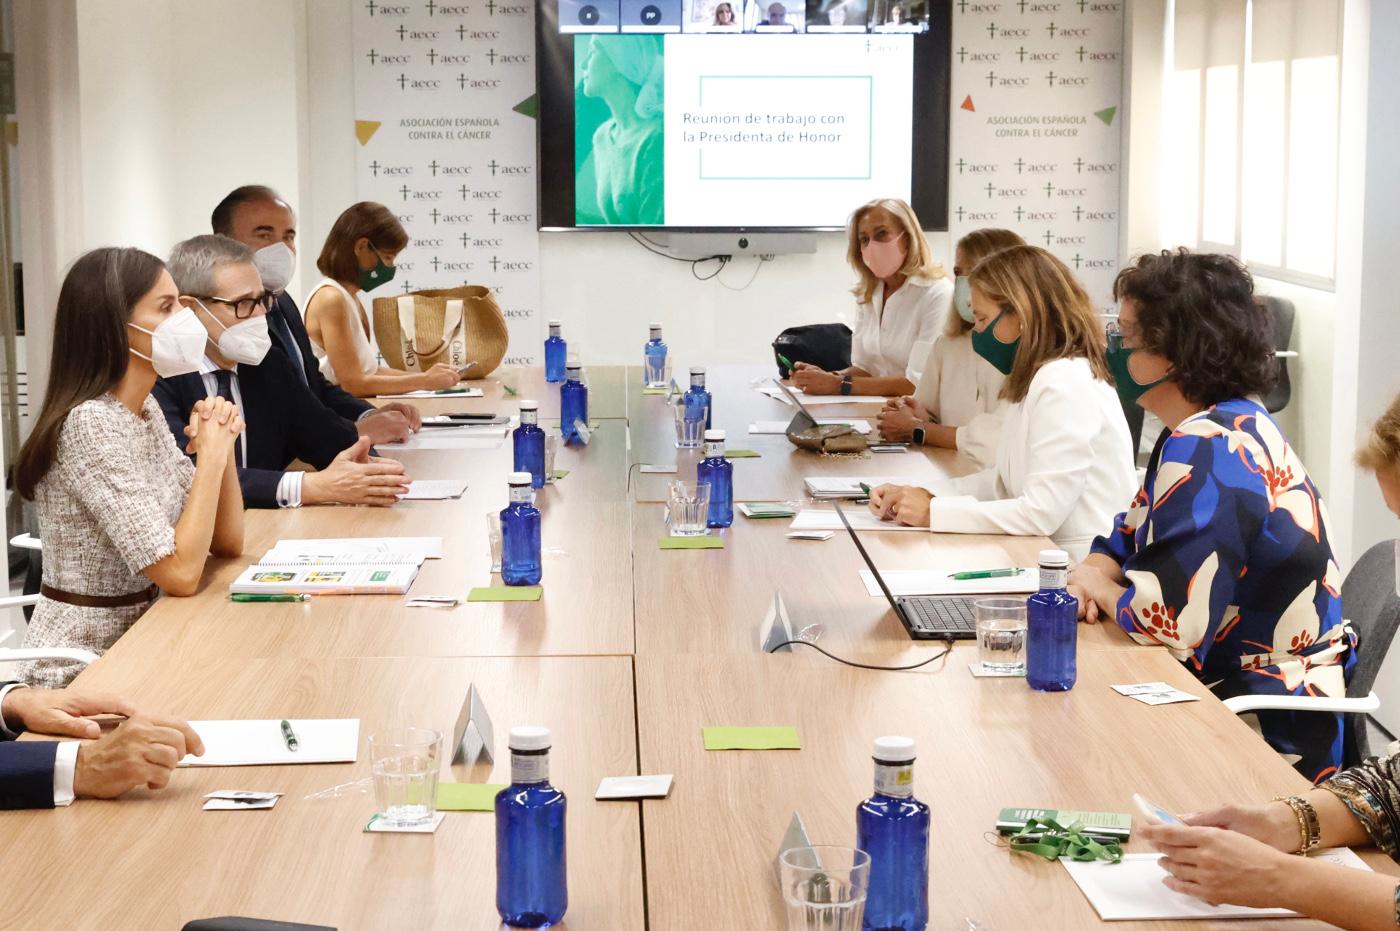 Reina Letizia - Reunió AECC © Casa S.M. El Rey